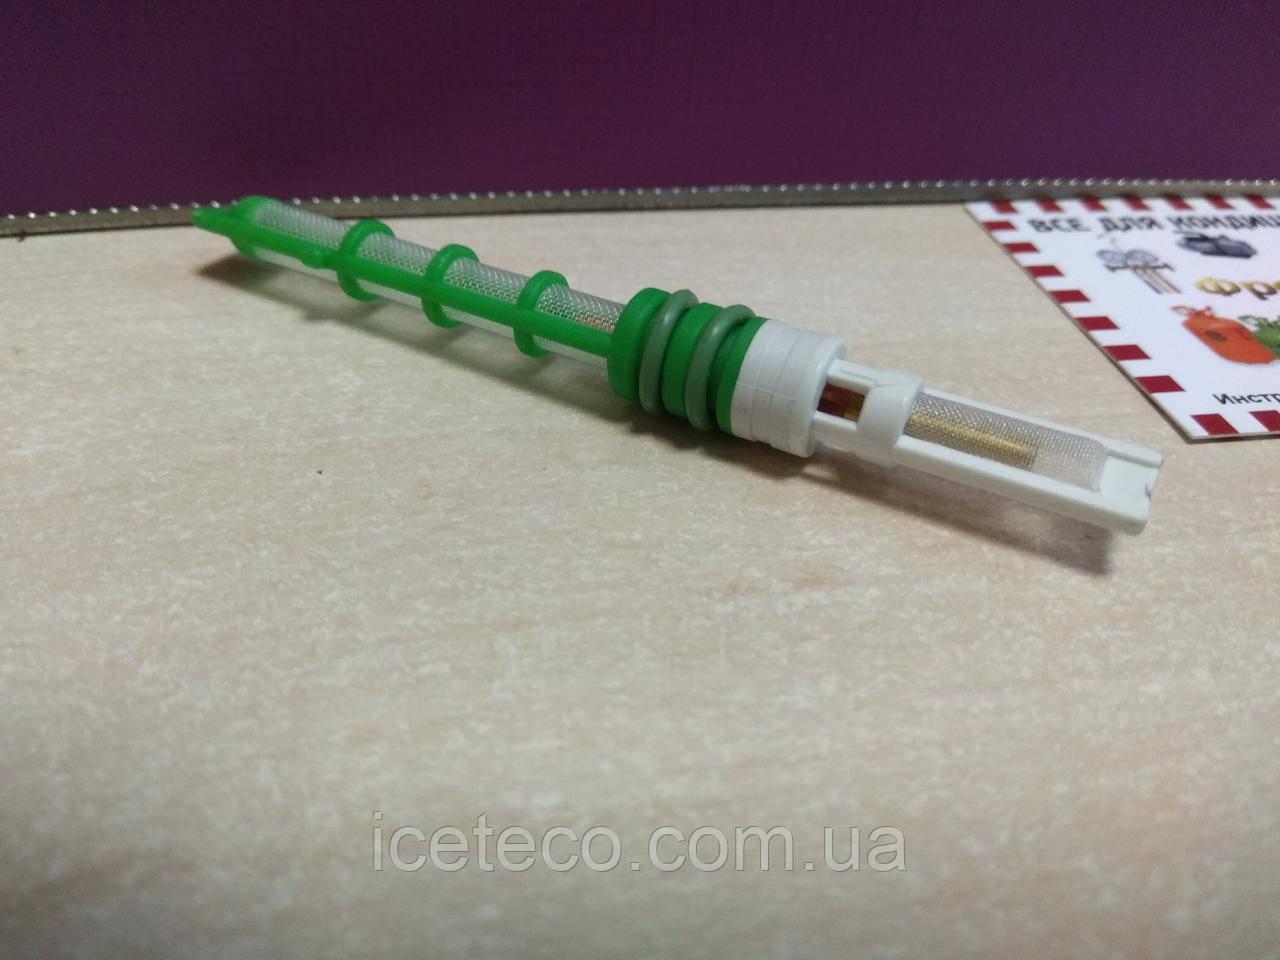 Расширительная (дроссельная) трубка Вентури - Зелёная 0,052 Gamela 61524